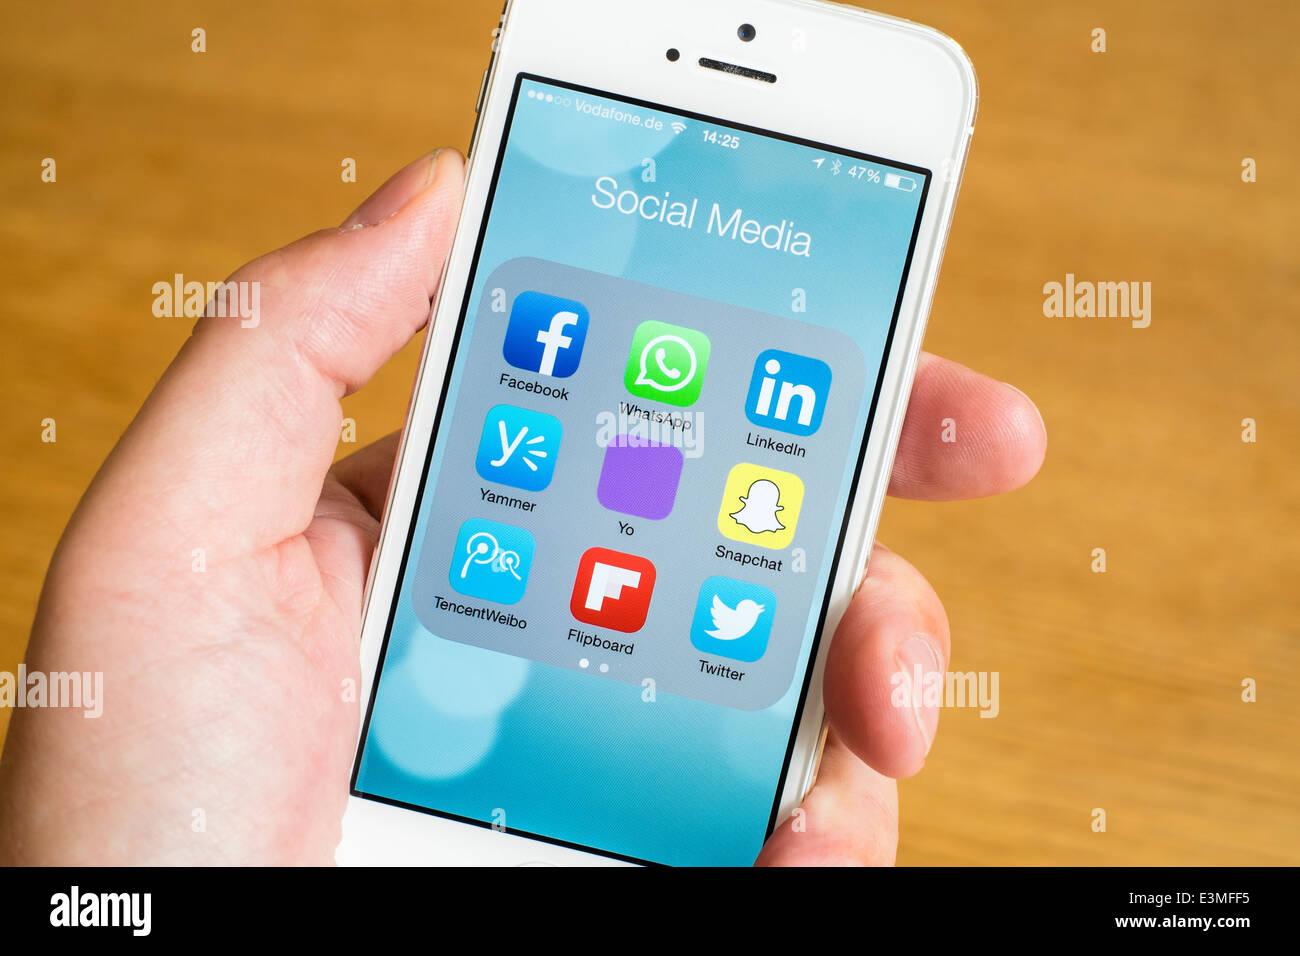 Detalle de muchos medios de comunicación social en el iPhone Apps teléfono inteligente. Imagen De Stock